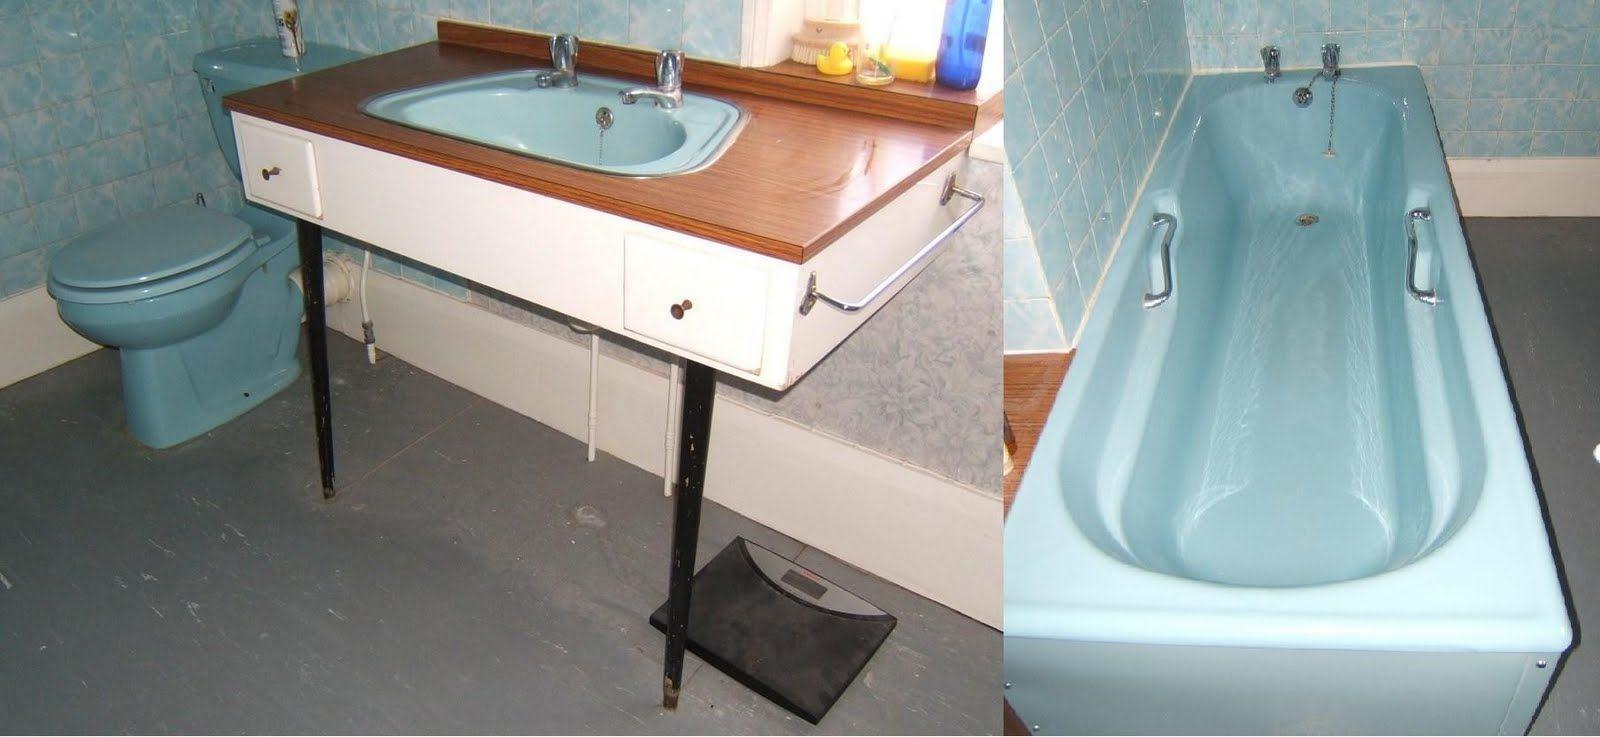 Details About Blue Bathroom Suite With Retro Vanity Unit 1960 S